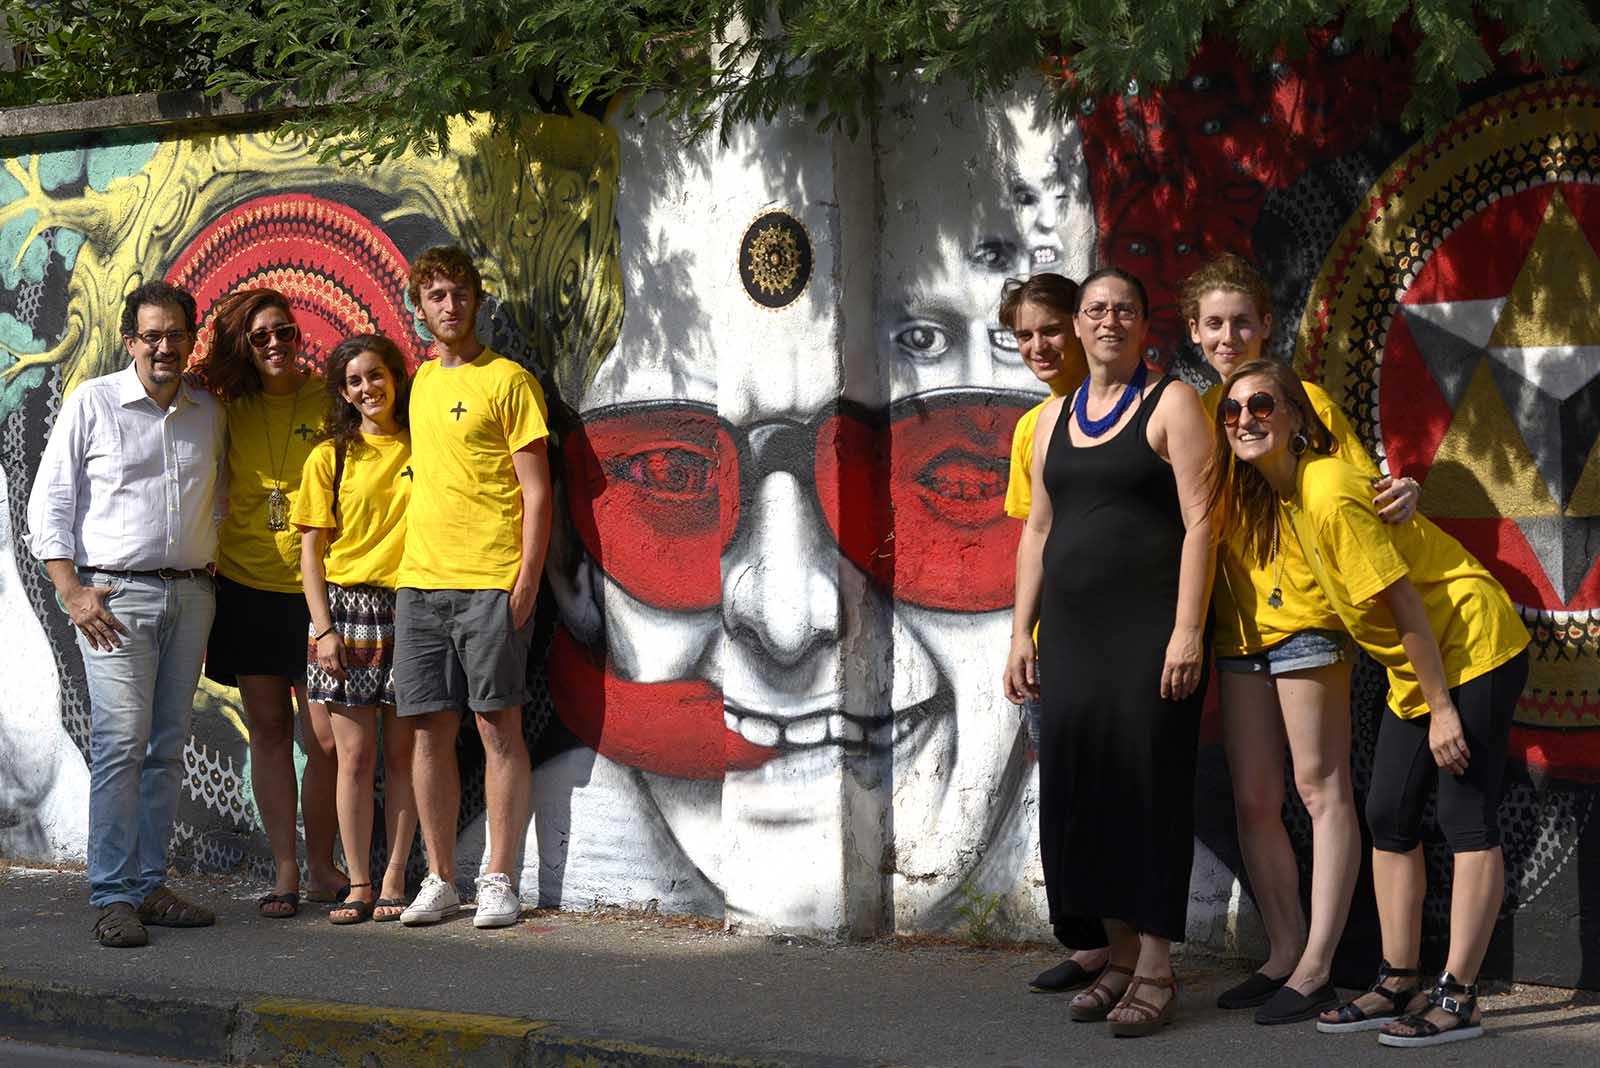 Cassina de' Pecchi, <br />ieri stazione di posta <br />e oggi ciclovia, <br />si rinnova nel segno <br />della Street Art